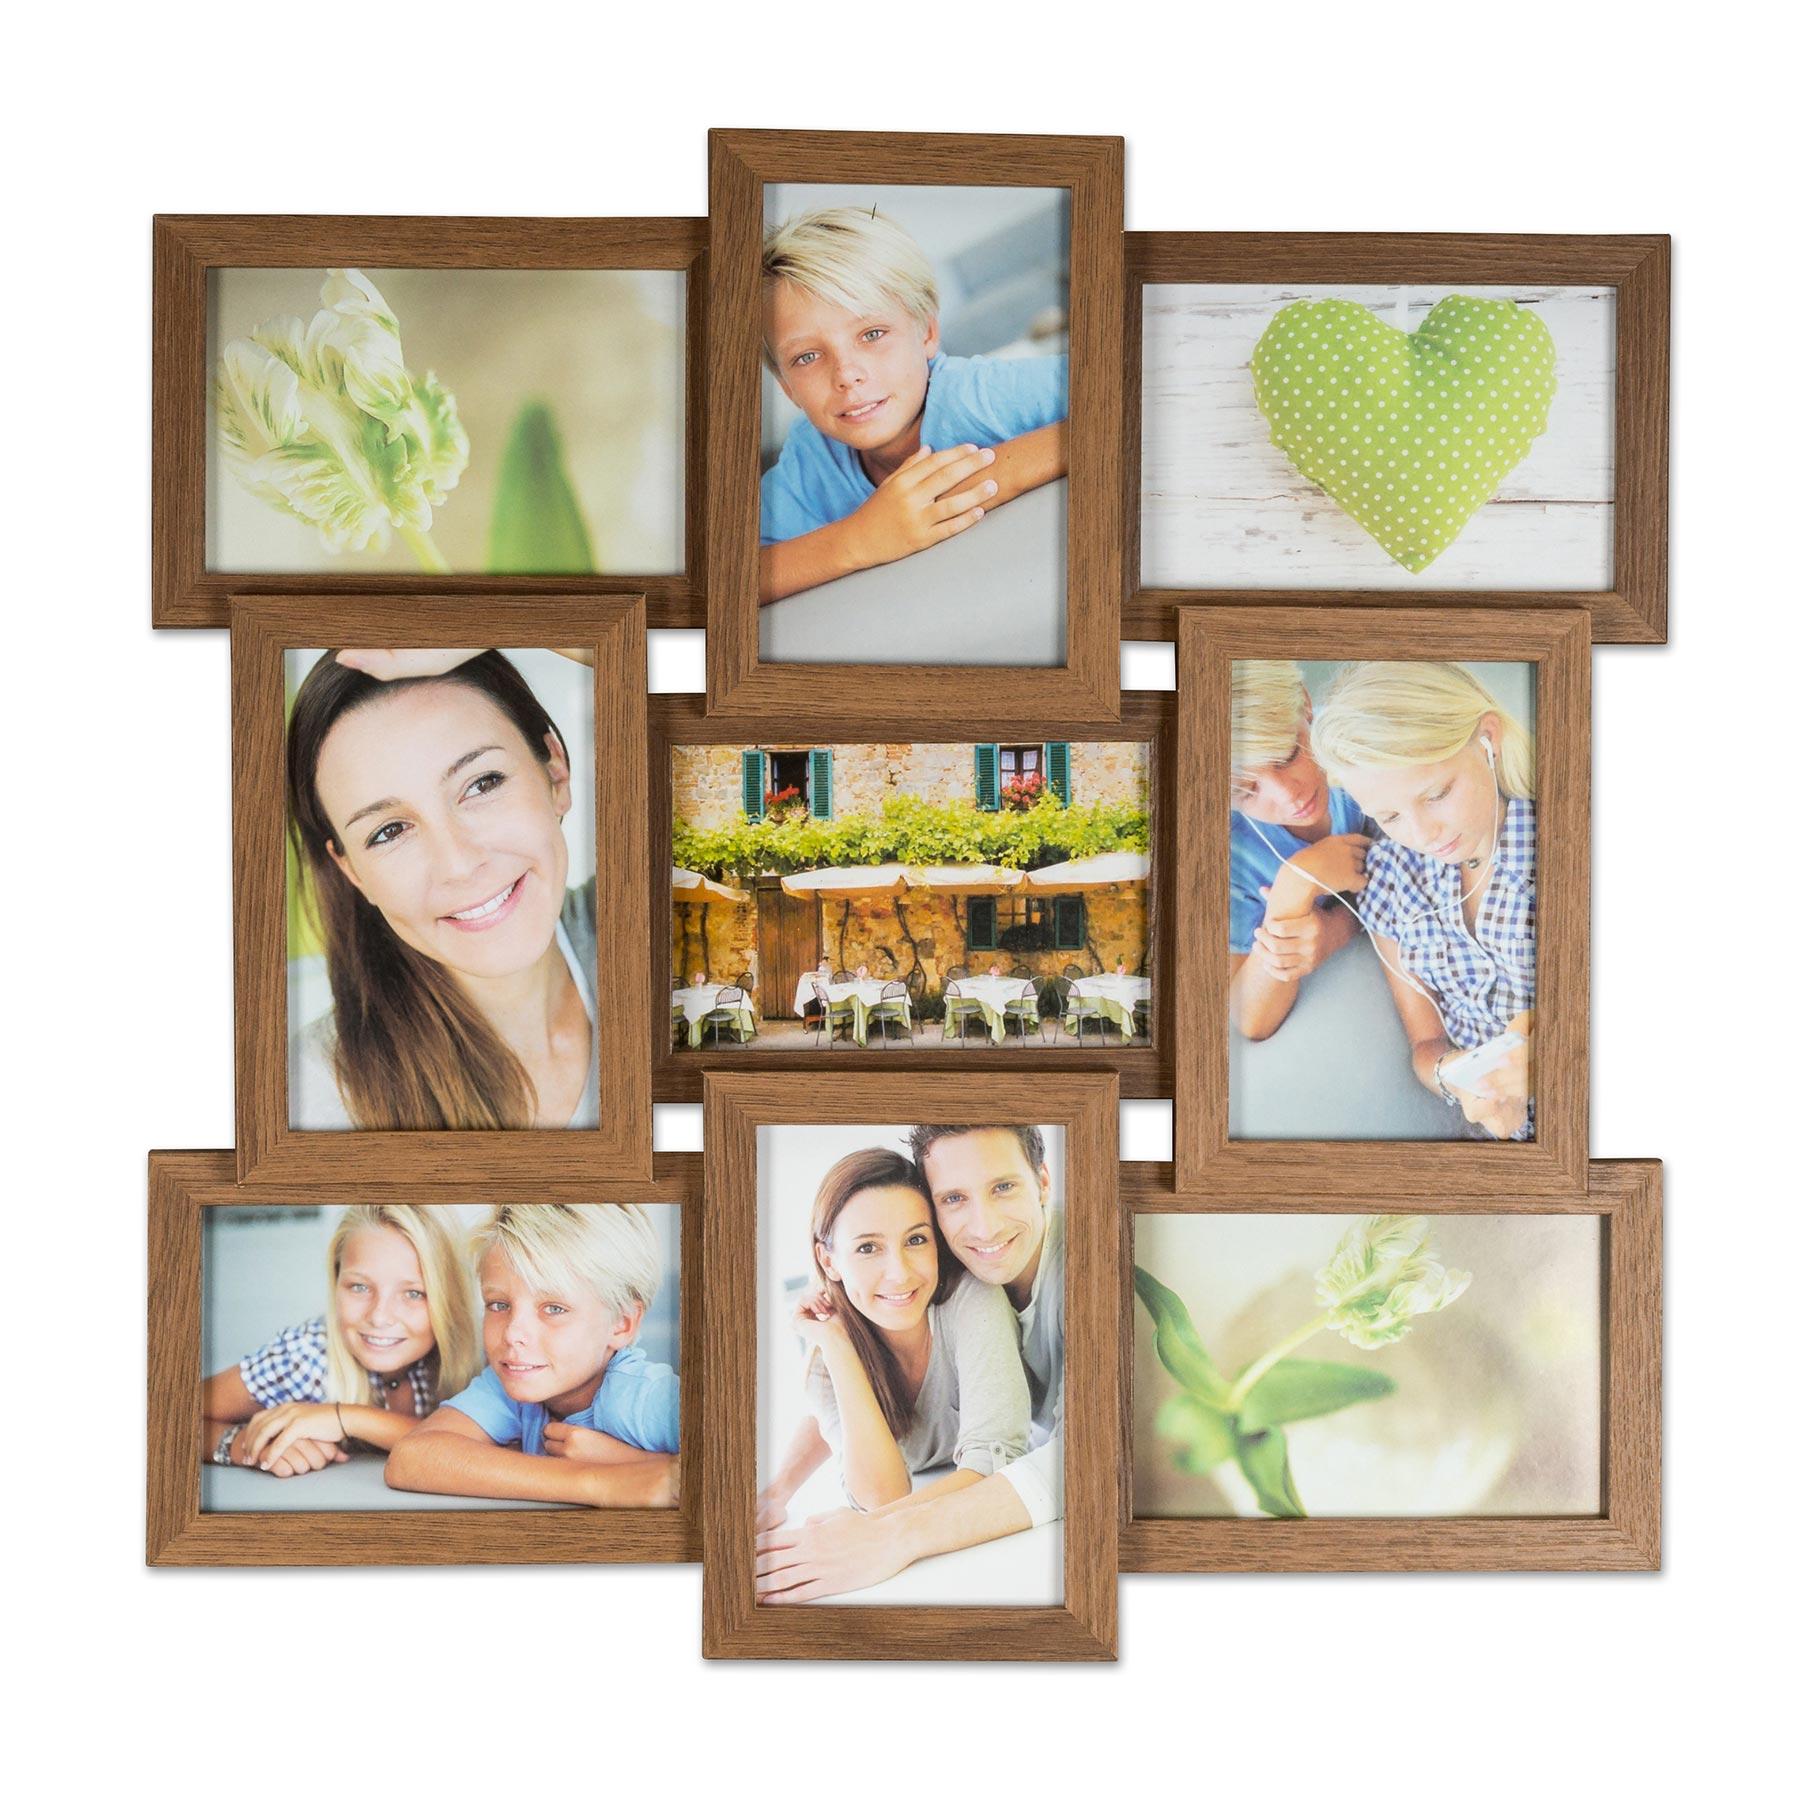 Schön 5 X 7 Rahmen Collage Ideen - Benutzerdefinierte Bilderrahmen ...